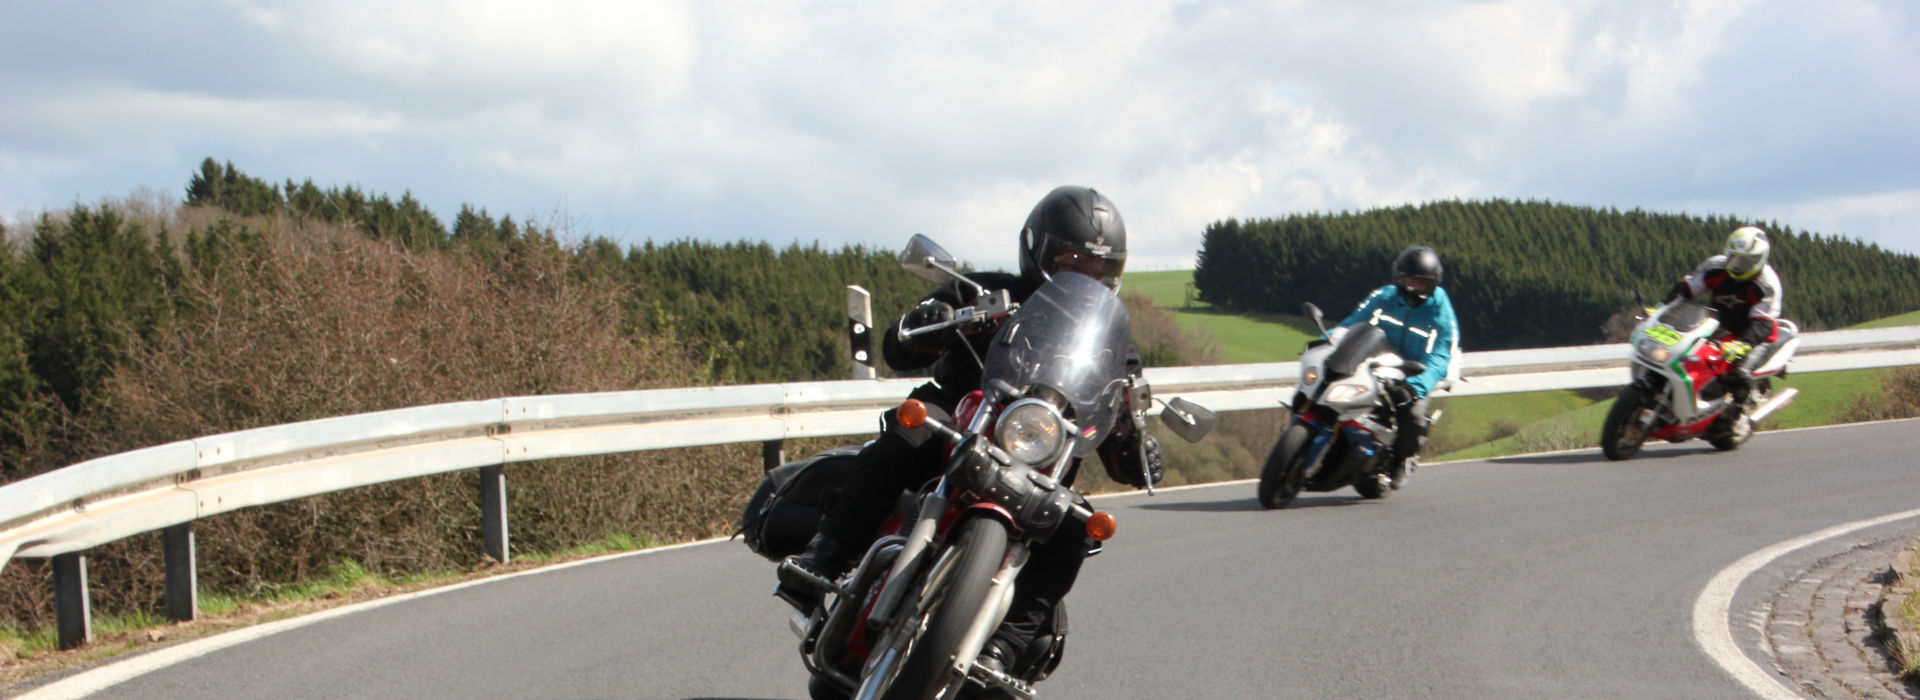 Motorrijschool Motorrijbewijspoint Spaubeek motorrijlessen